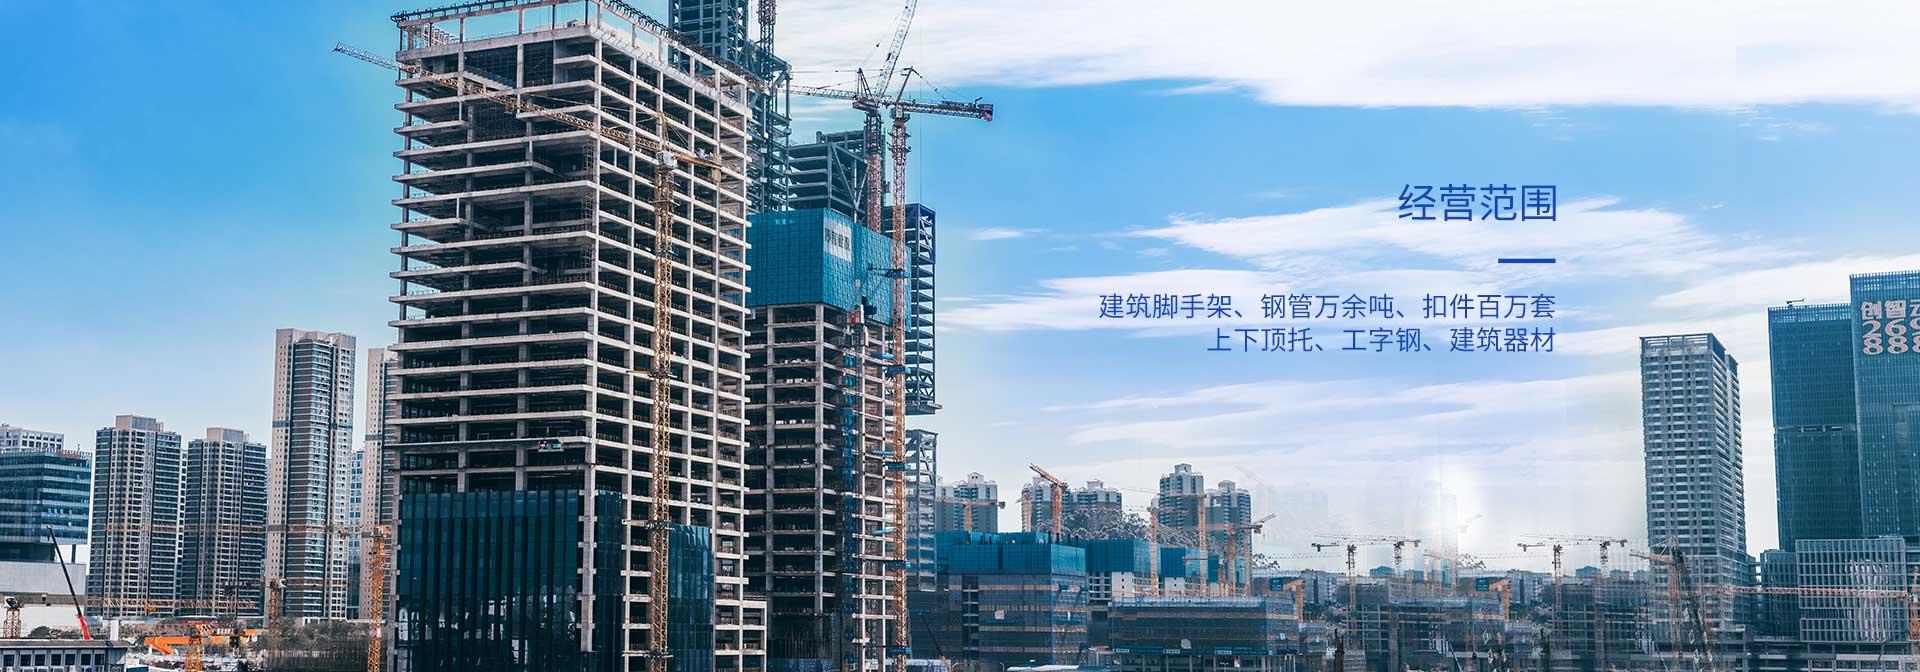 武汉钢管租赁